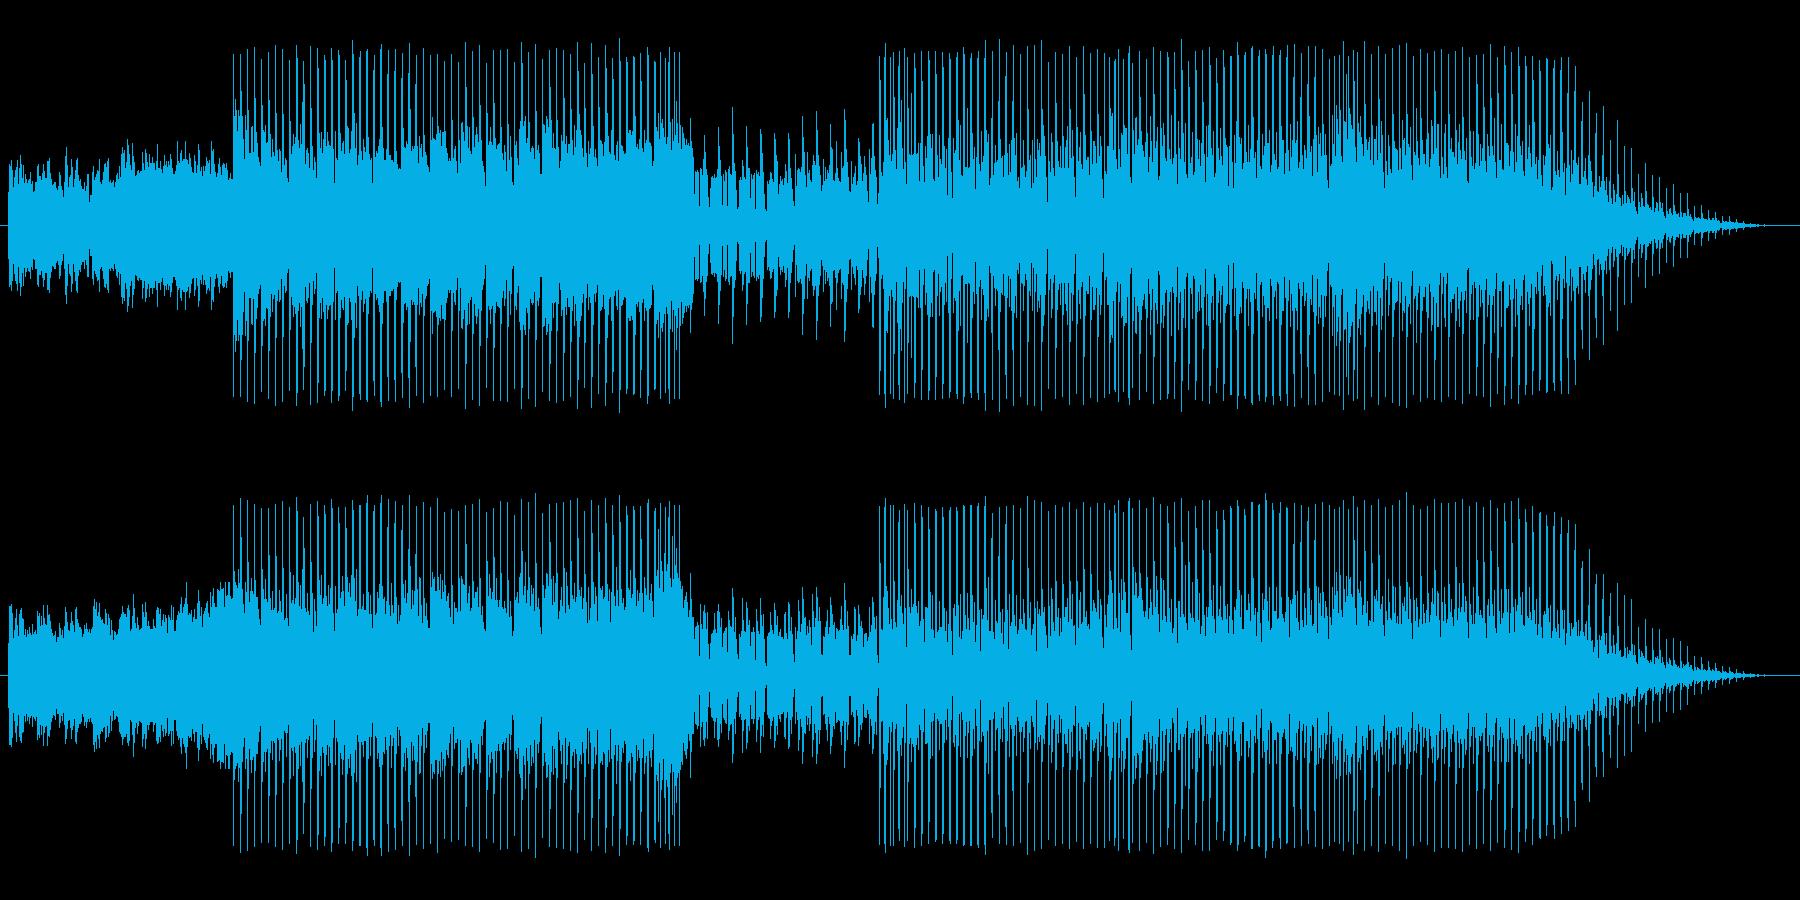 大空を高速飛行してるイメージの曲の再生済みの波形